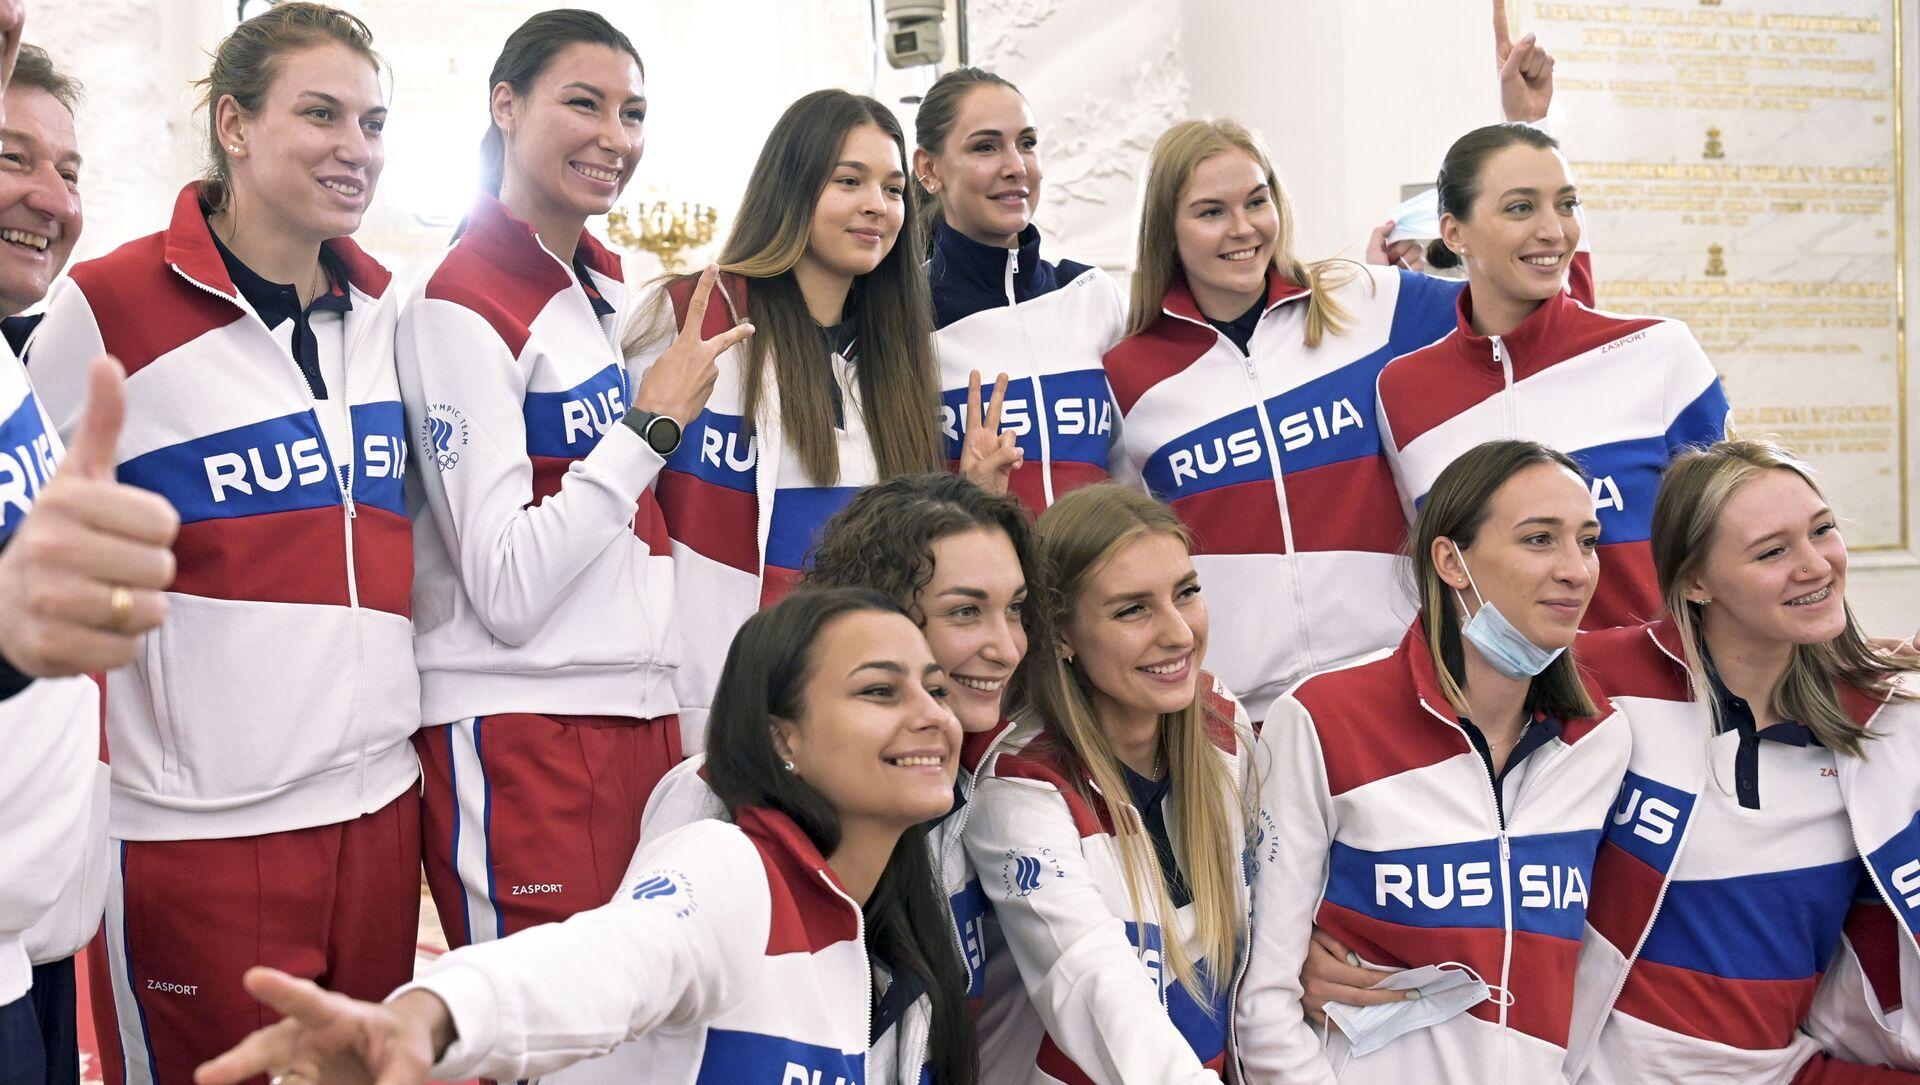 Các thành viên của đội Olympic Nga chụp ảnh tập thể sau cuộc gặp với Tổng thống Nga Vladimir Putin trước thềm Thế vận hội Mùa hè Tokyo ở Moscow, Nga - Sputnik Việt Nam, 1920, 11.08.2021